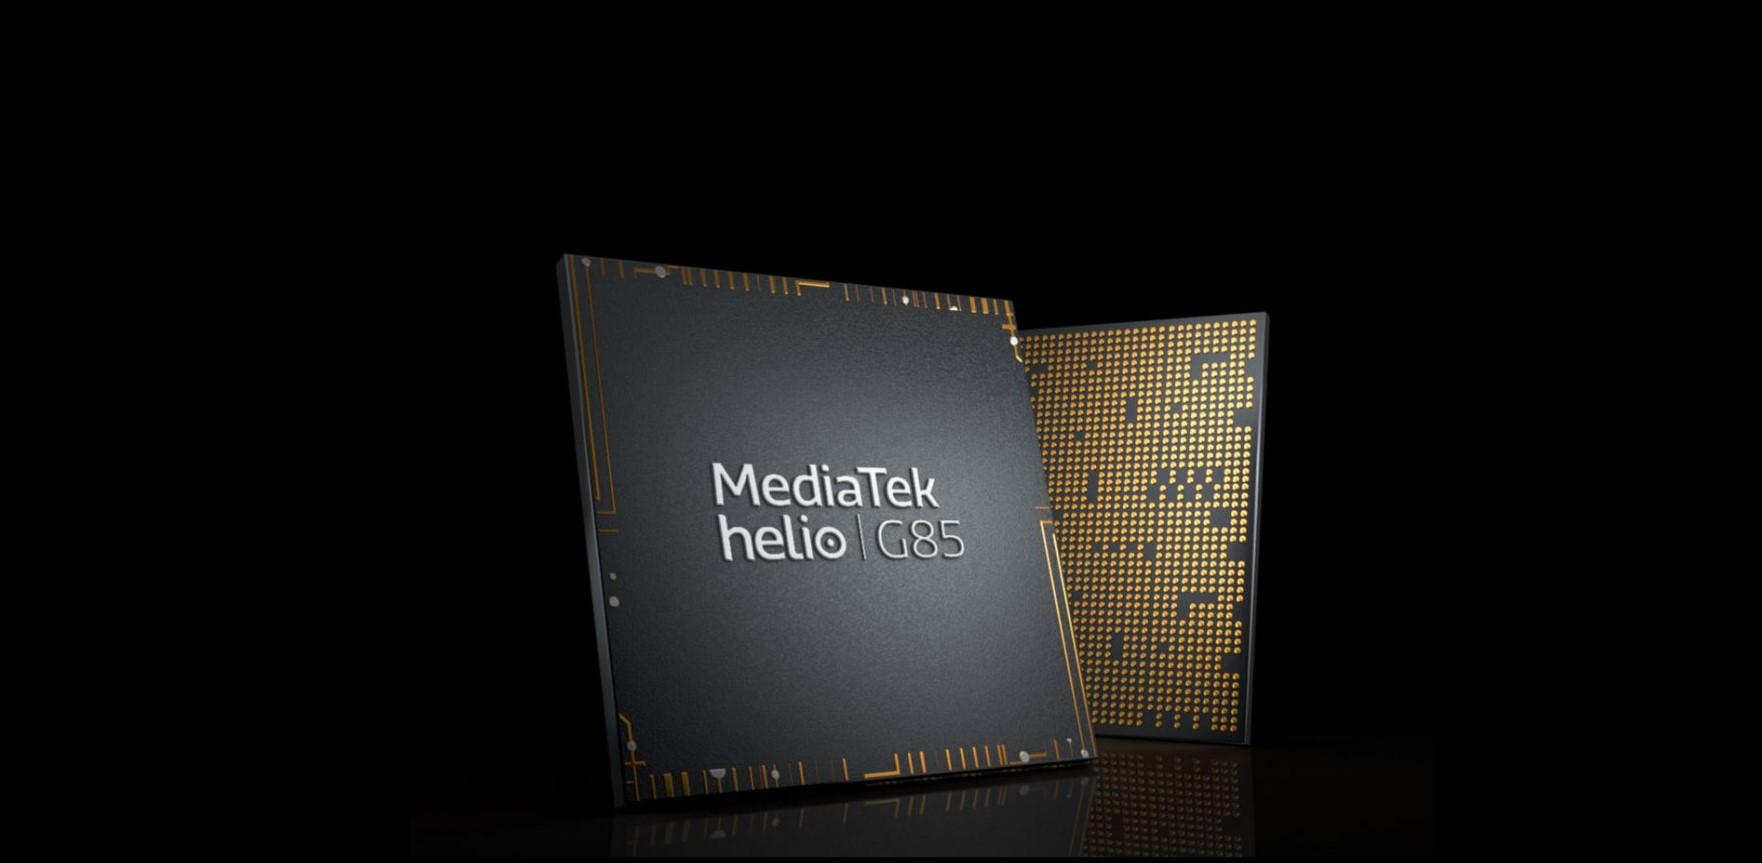 MediaTek představil procesor Helio G85 pro herní smartphony